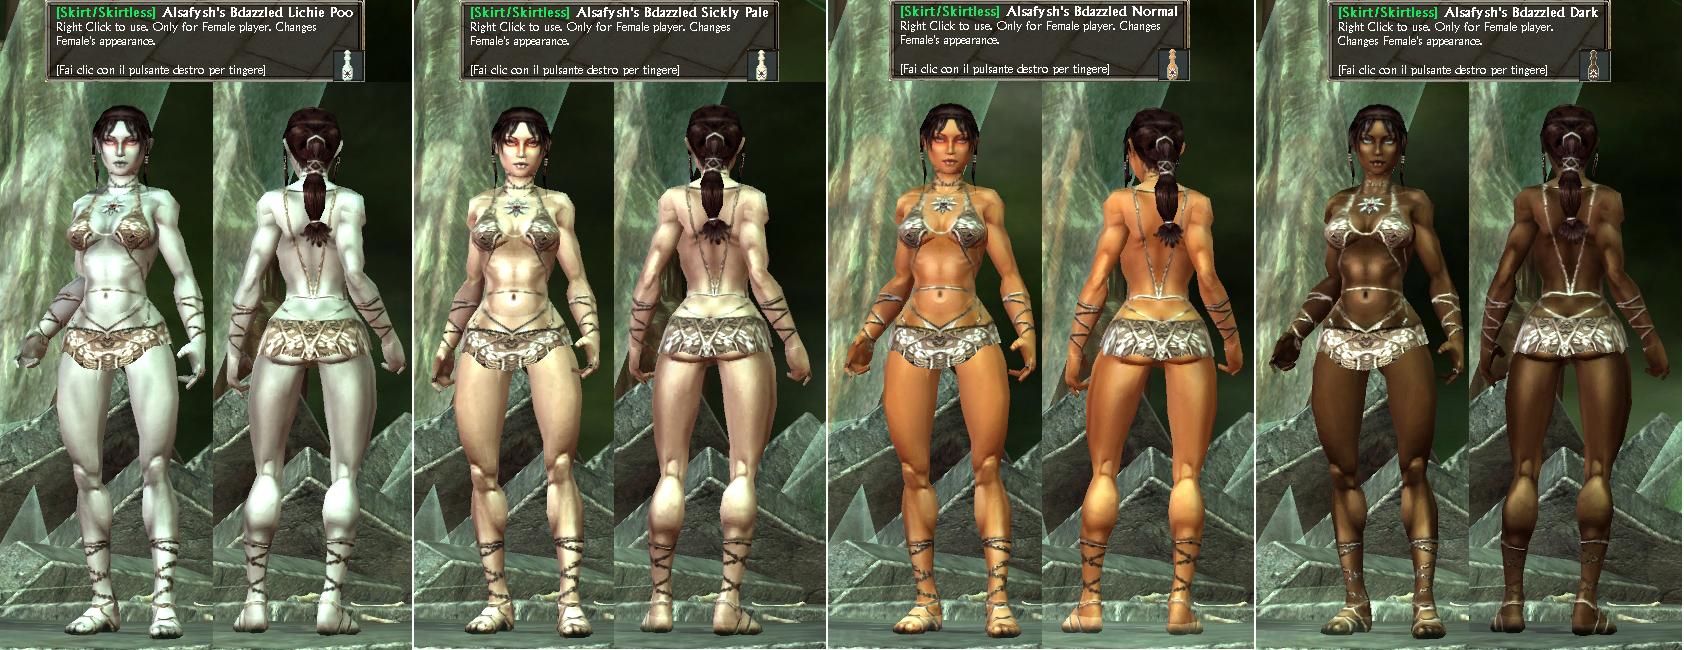 Titan quest erotic naked pics